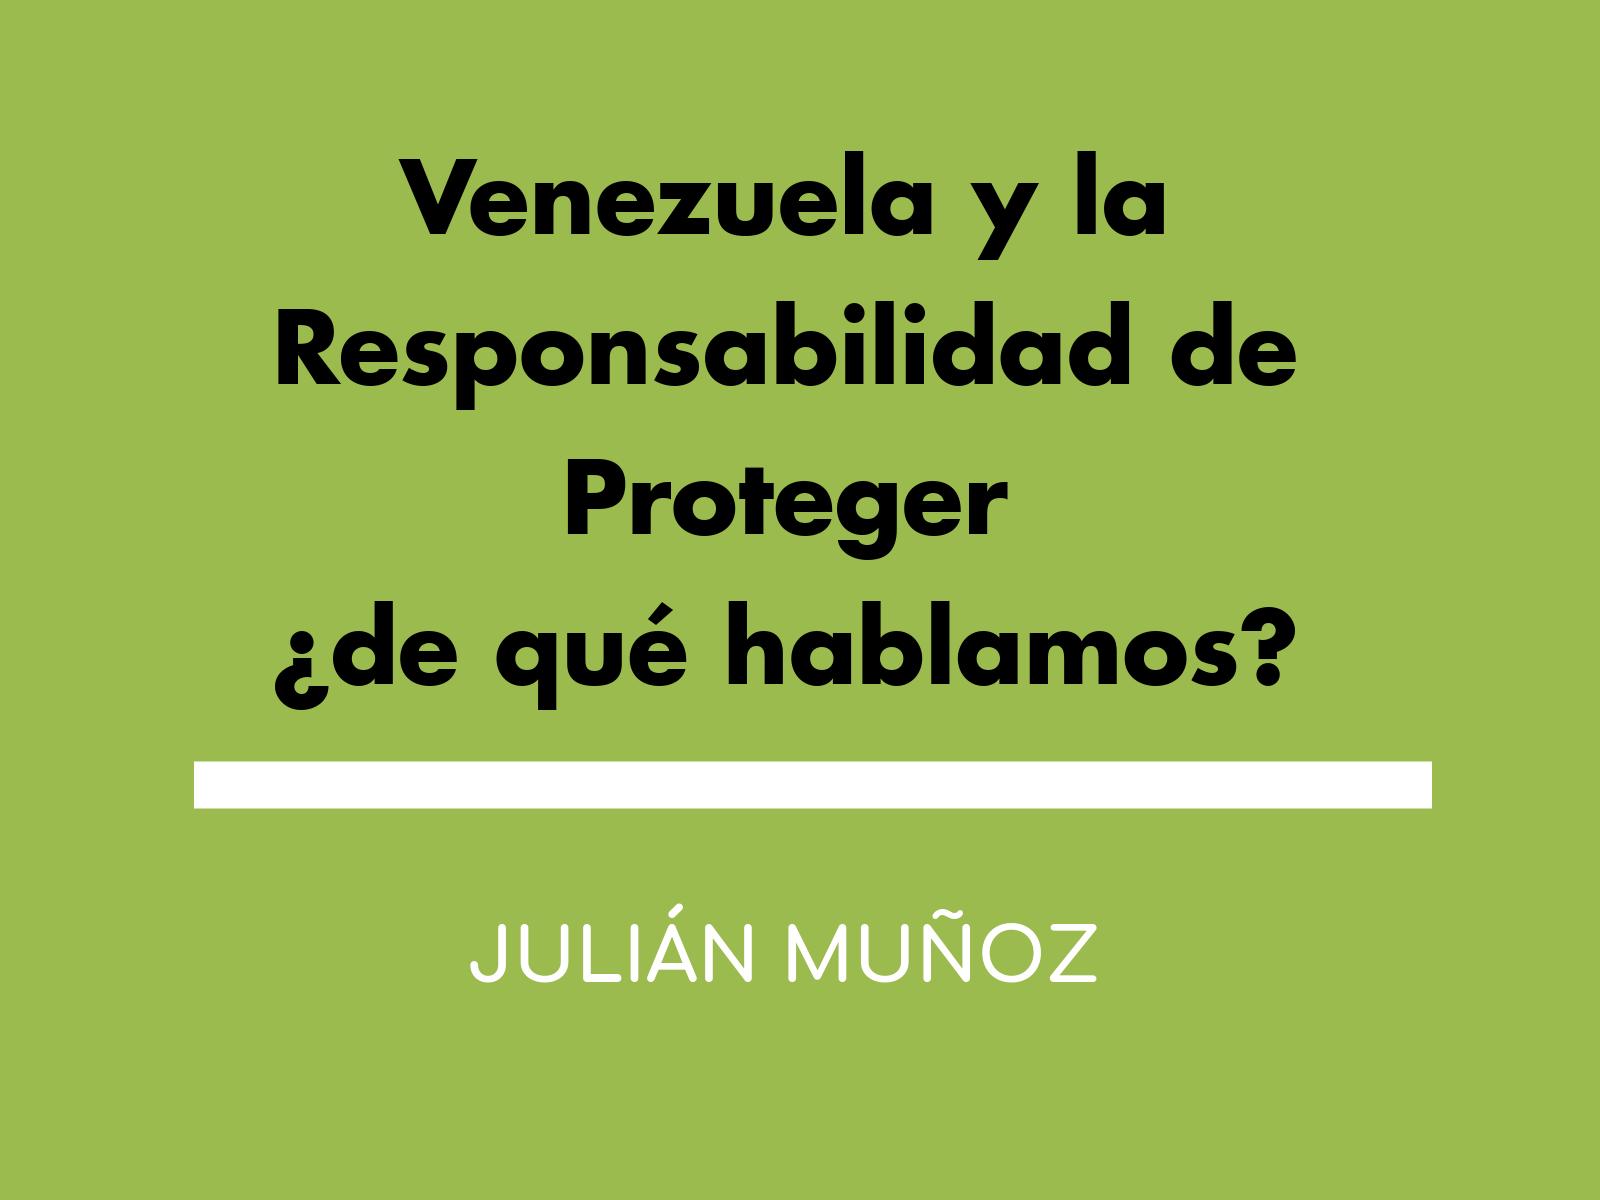 Venezuela y la Responsabilidad de Proteger ¿de qué hablamos?